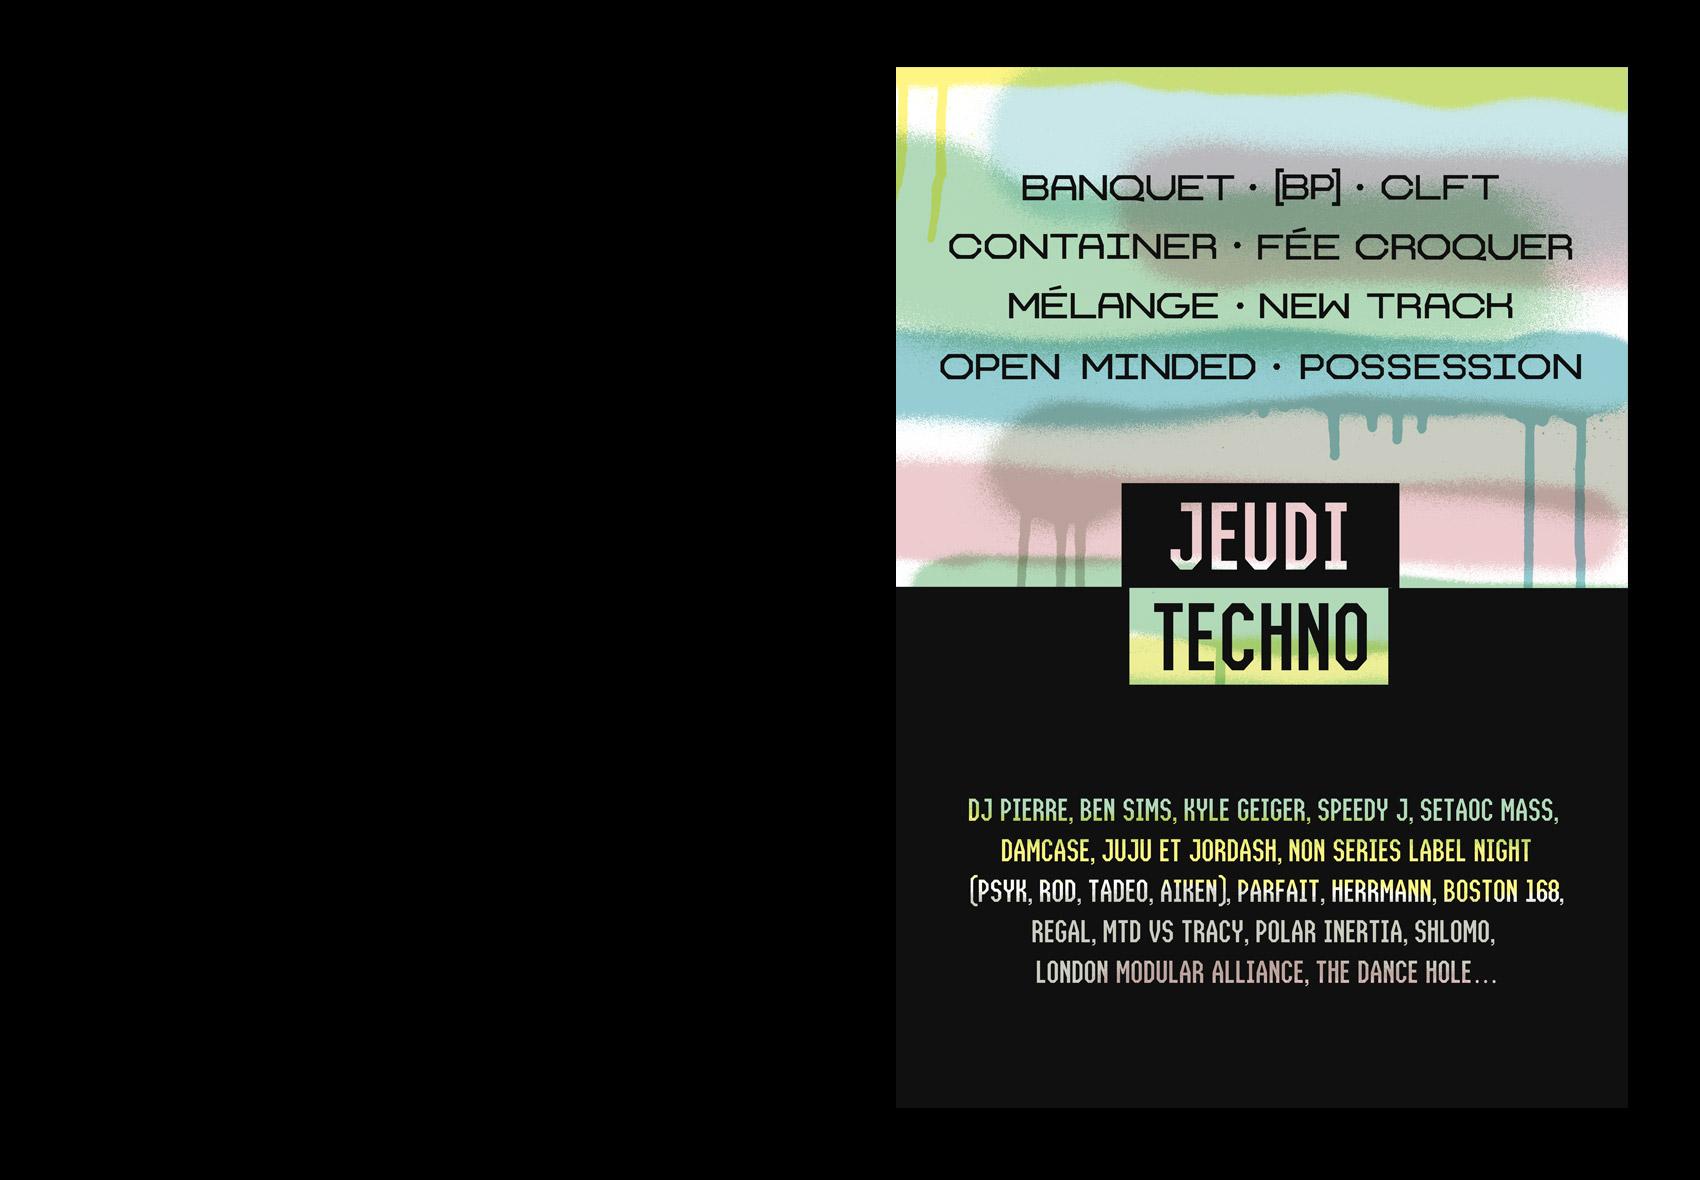 Jeudi-techno-affiche-2